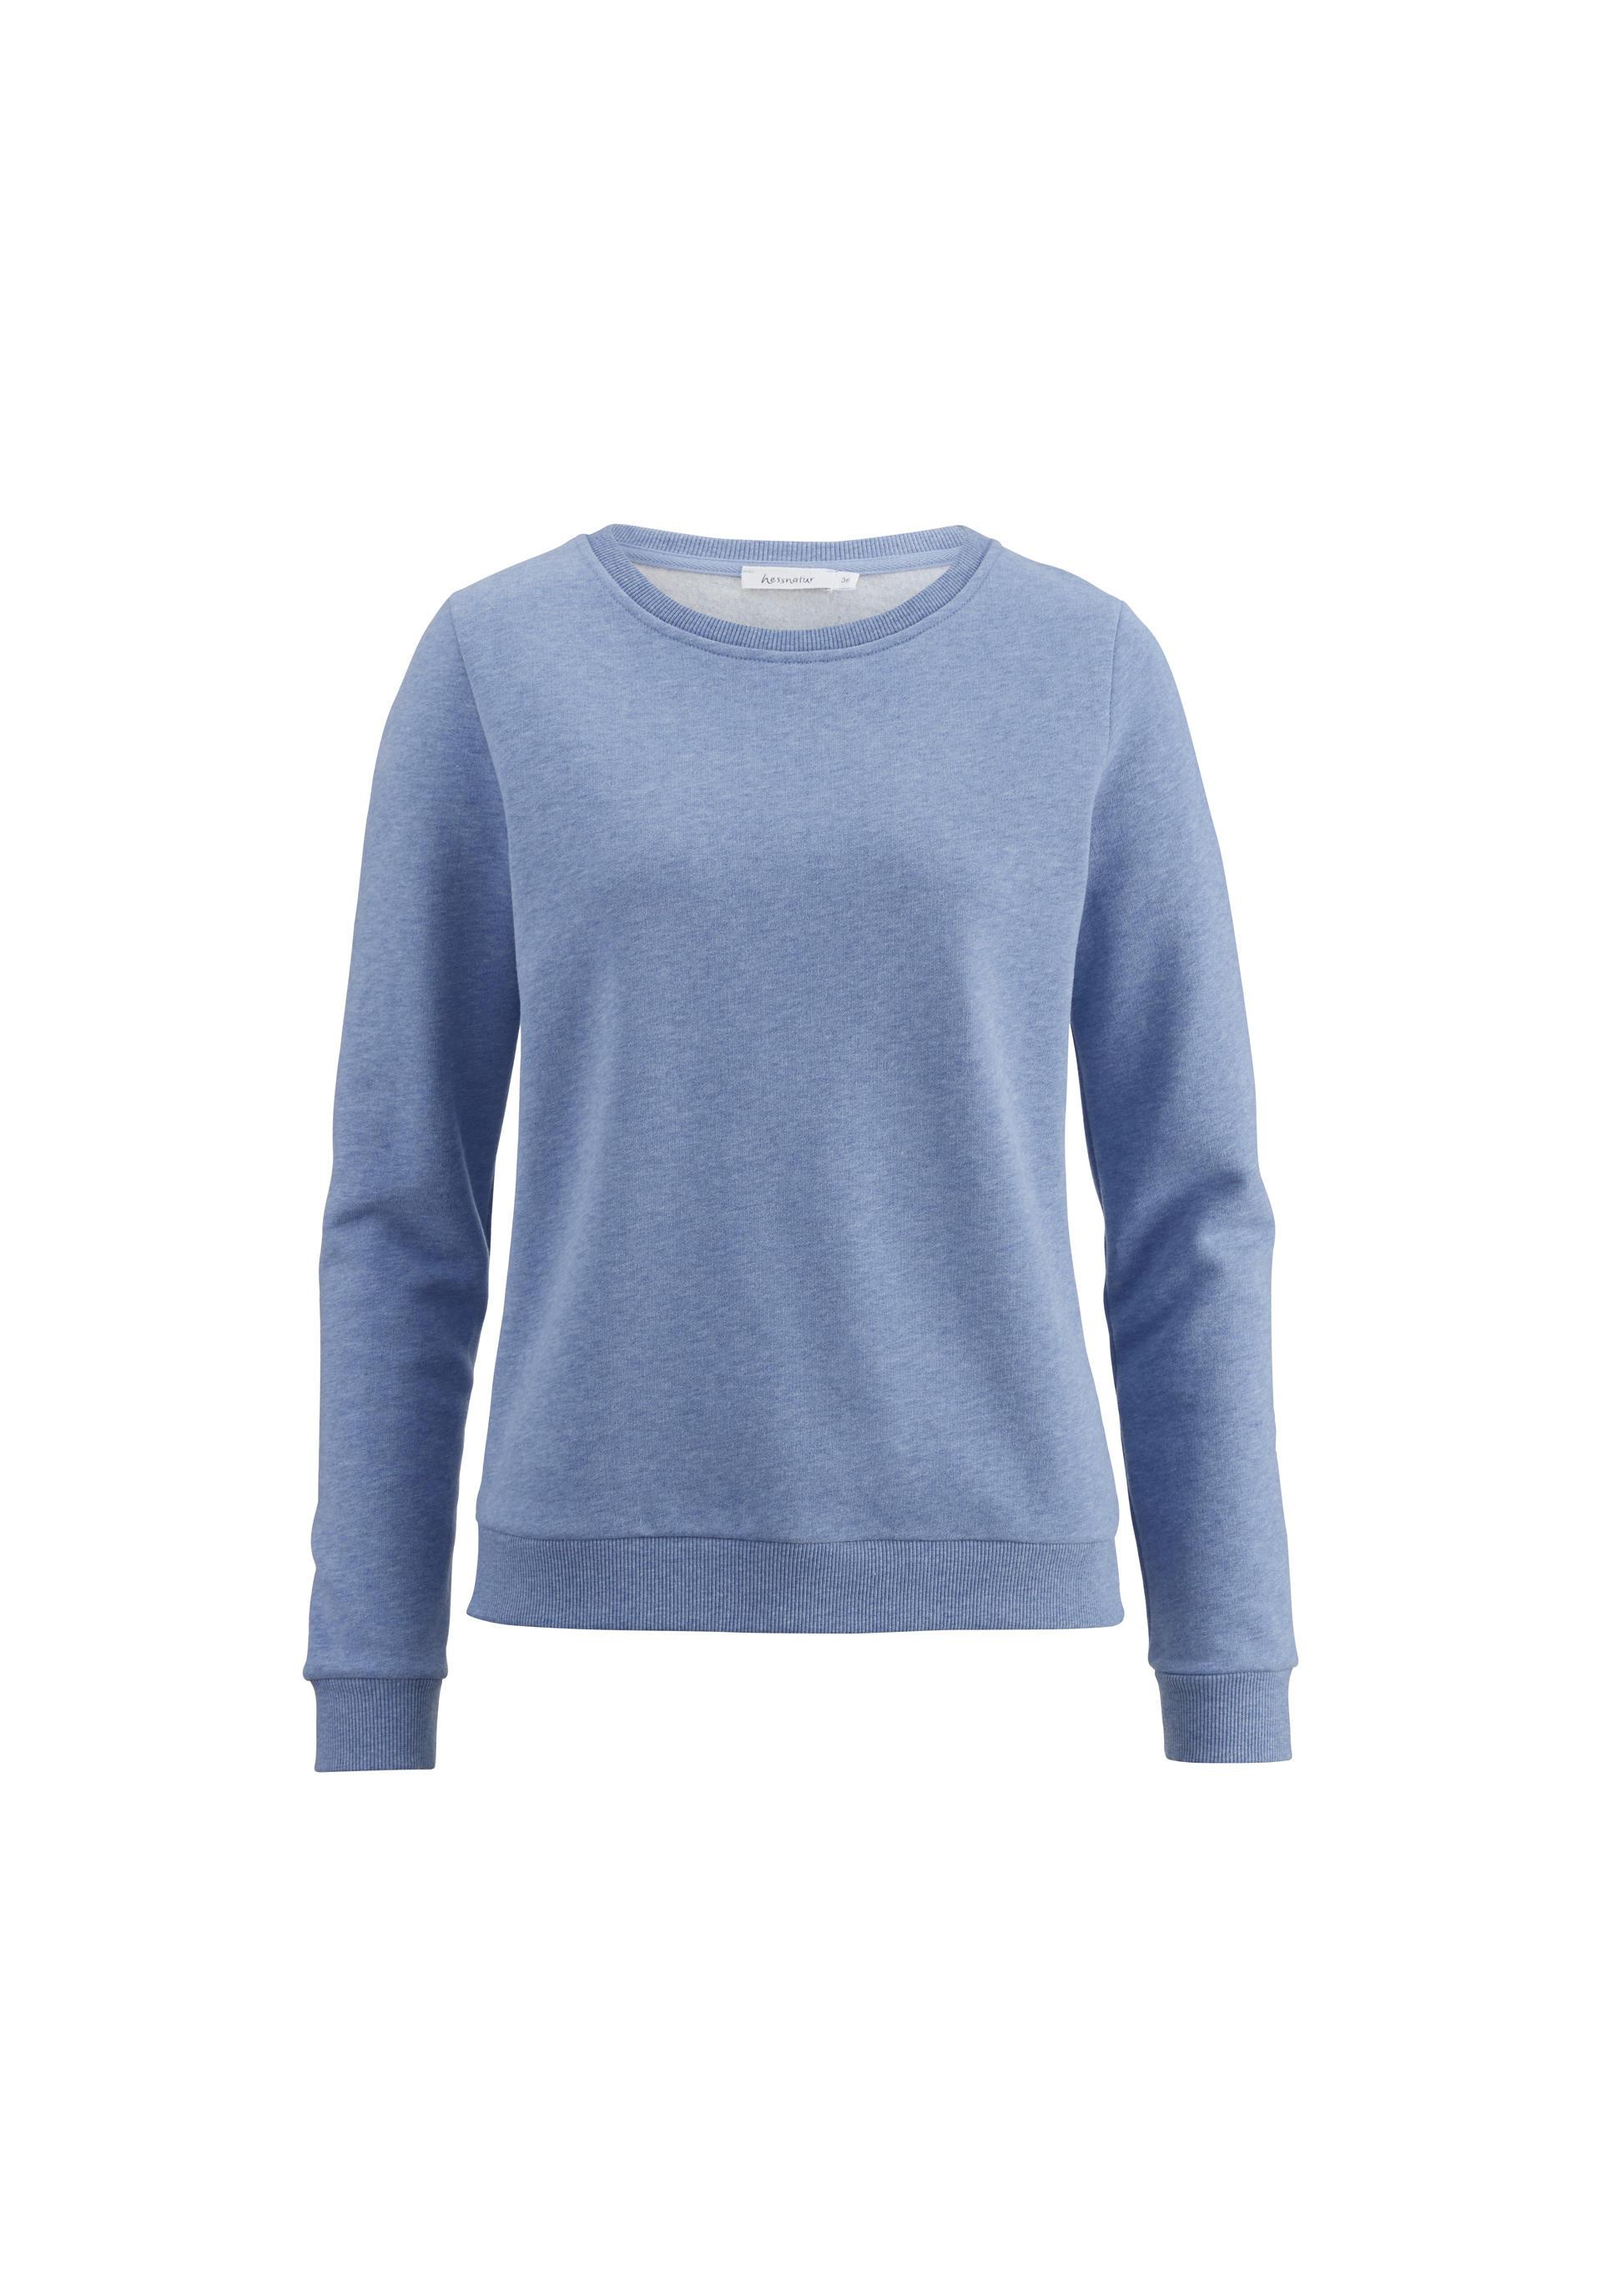 aedf68333e1872 Sweatshirt aus reiner Bio-Baumwolle - hessnatur Deutschland